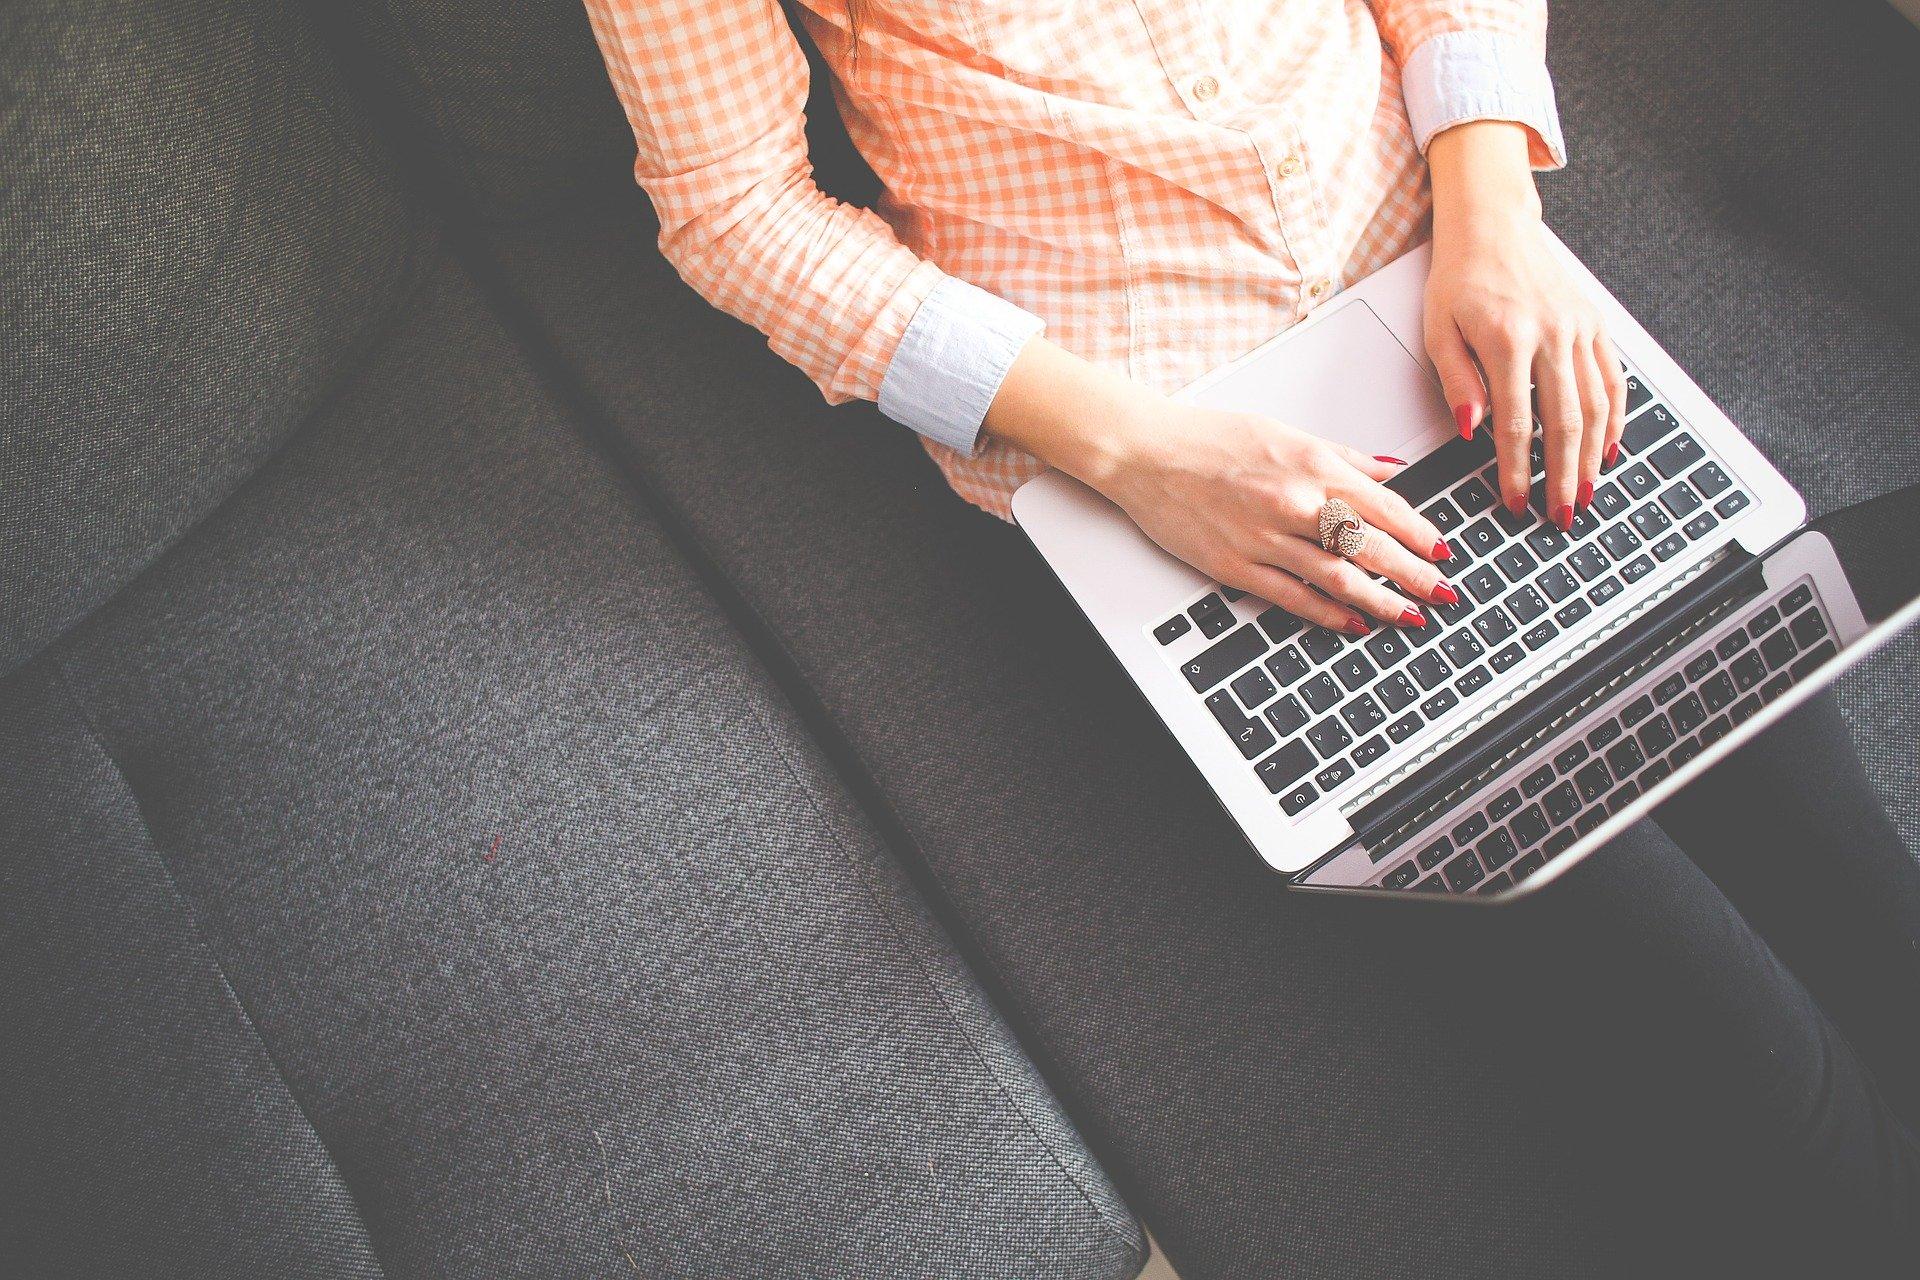 rédaction d'articles de blogue